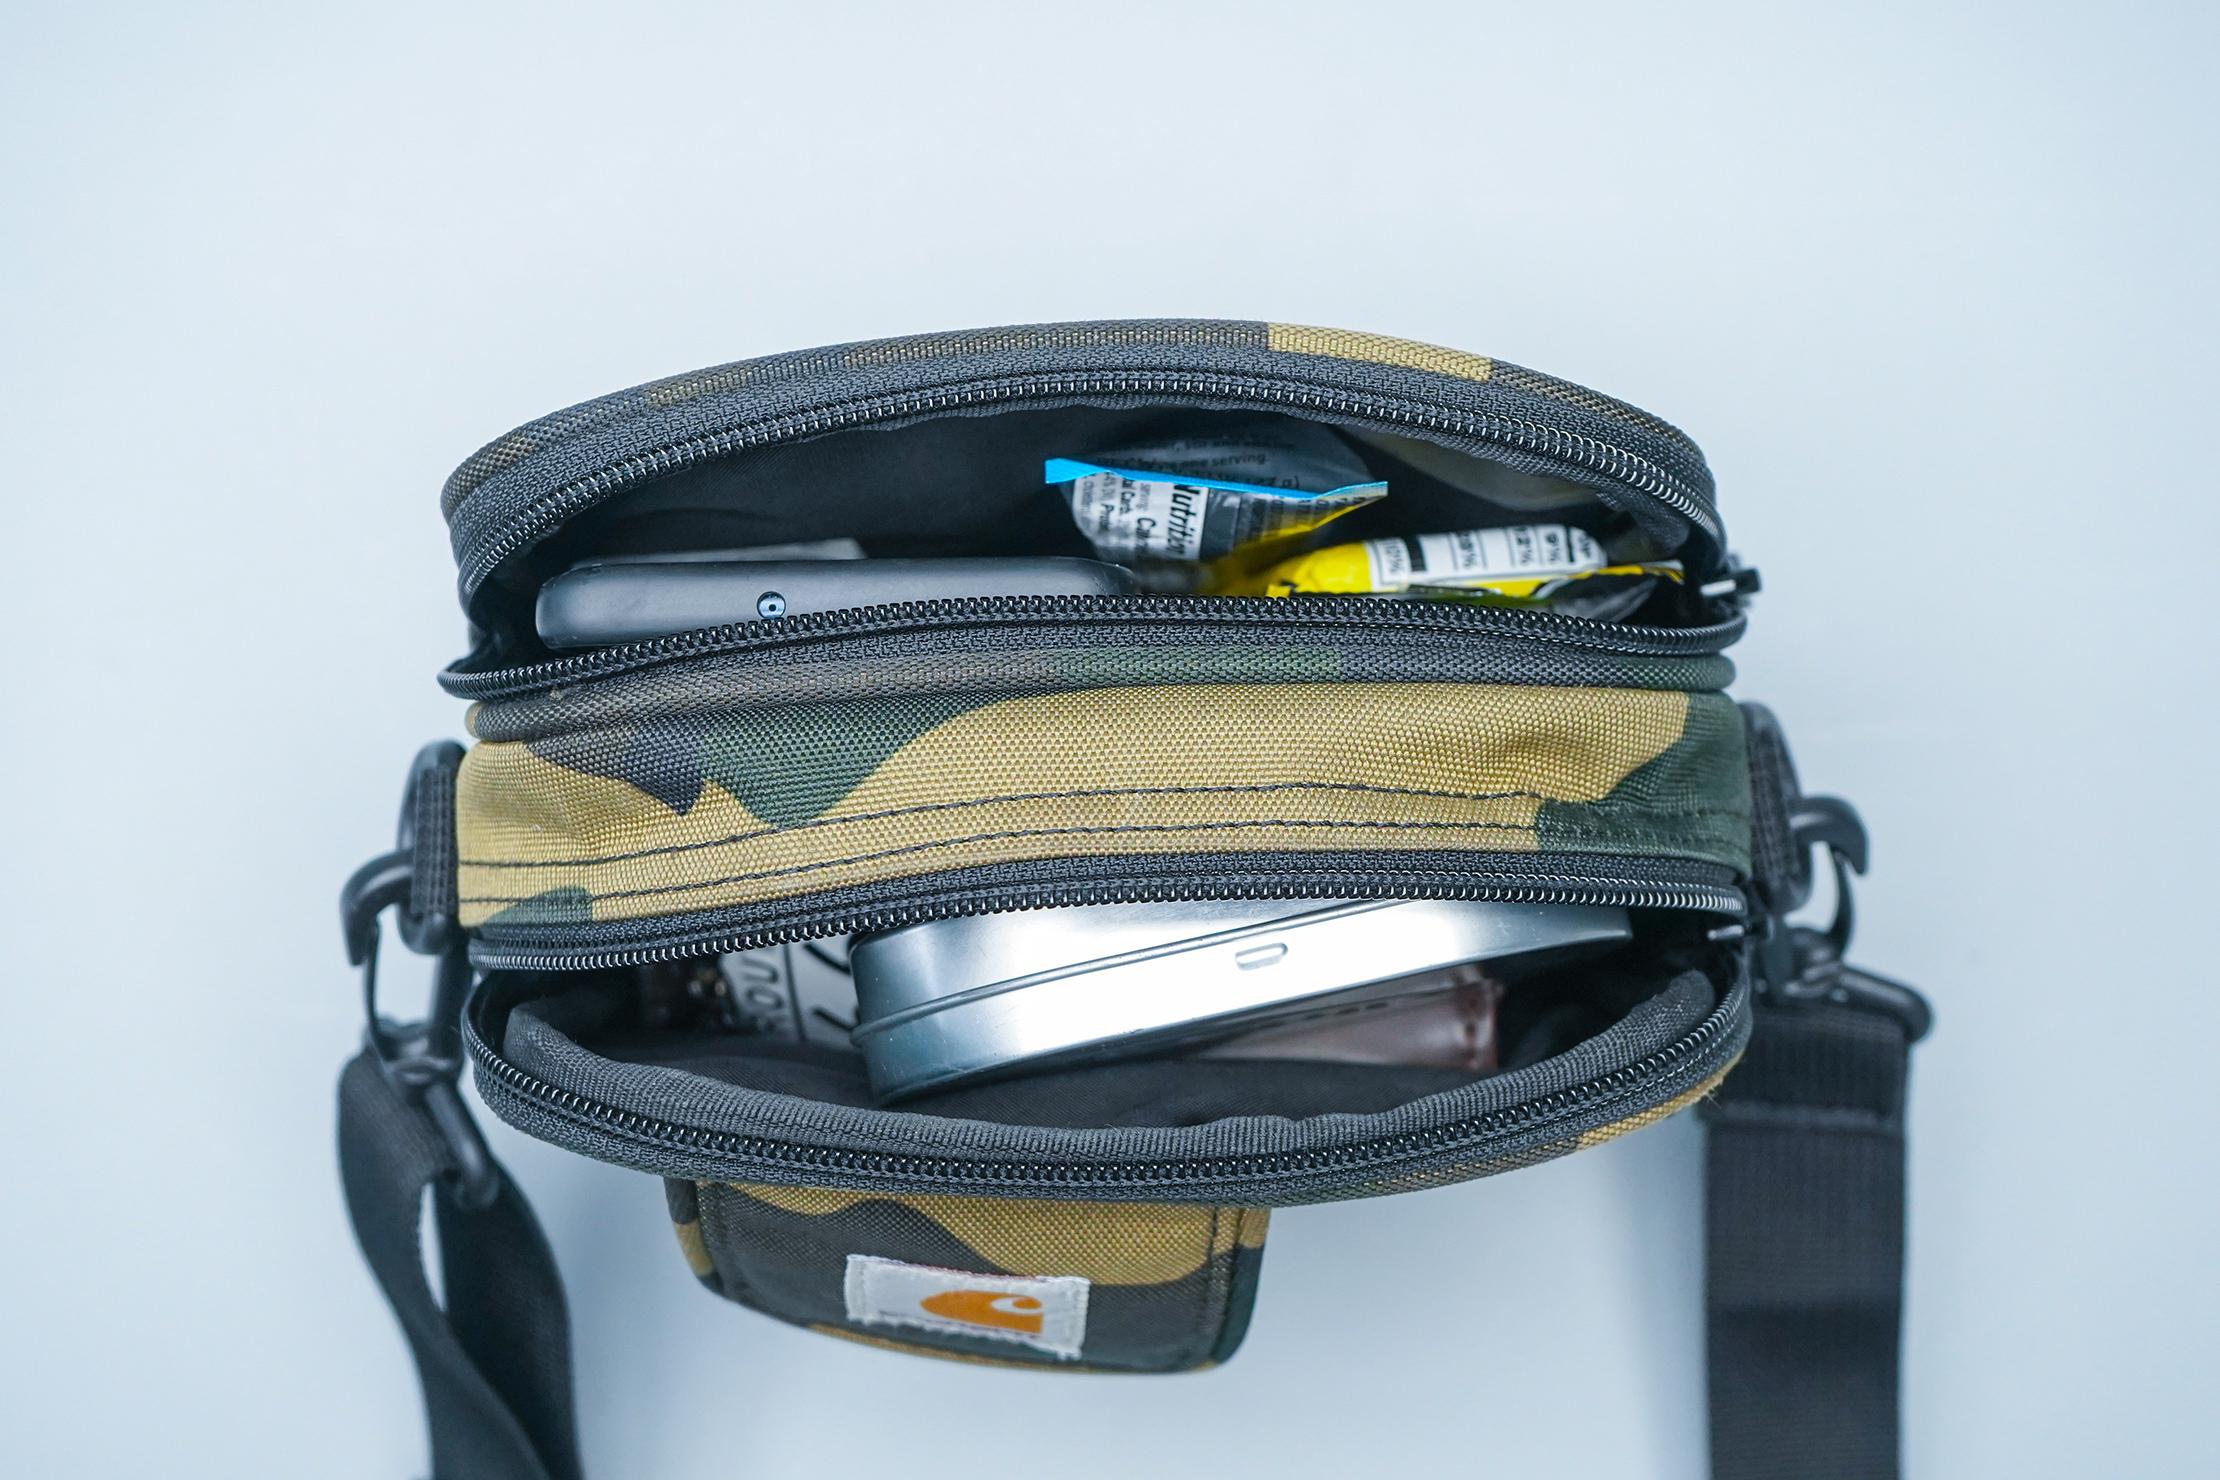 Carhartt WIP Essentials Bag main compartments open